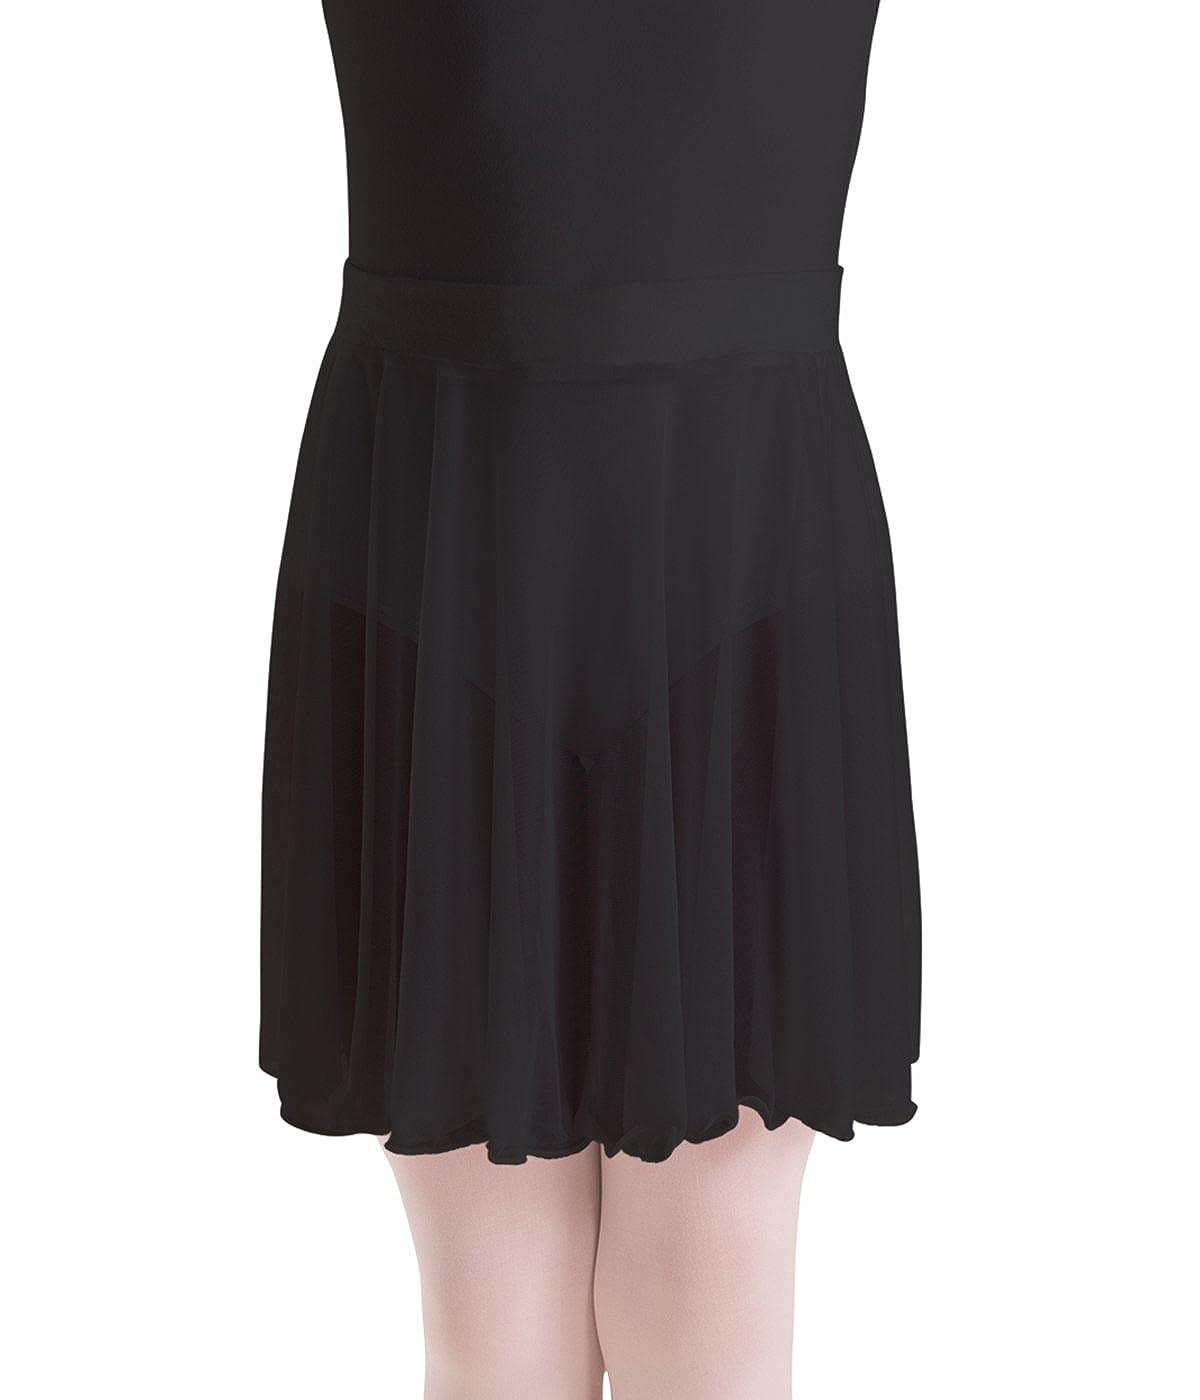 【オープニング大セール】 Motionwear SKIRT レディース レディース B000E9C0TG Medium|ブラック ブラック ブラック SKIRT Medium, クレールオンラインショップ:328649bb --- a0267596.xsph.ru